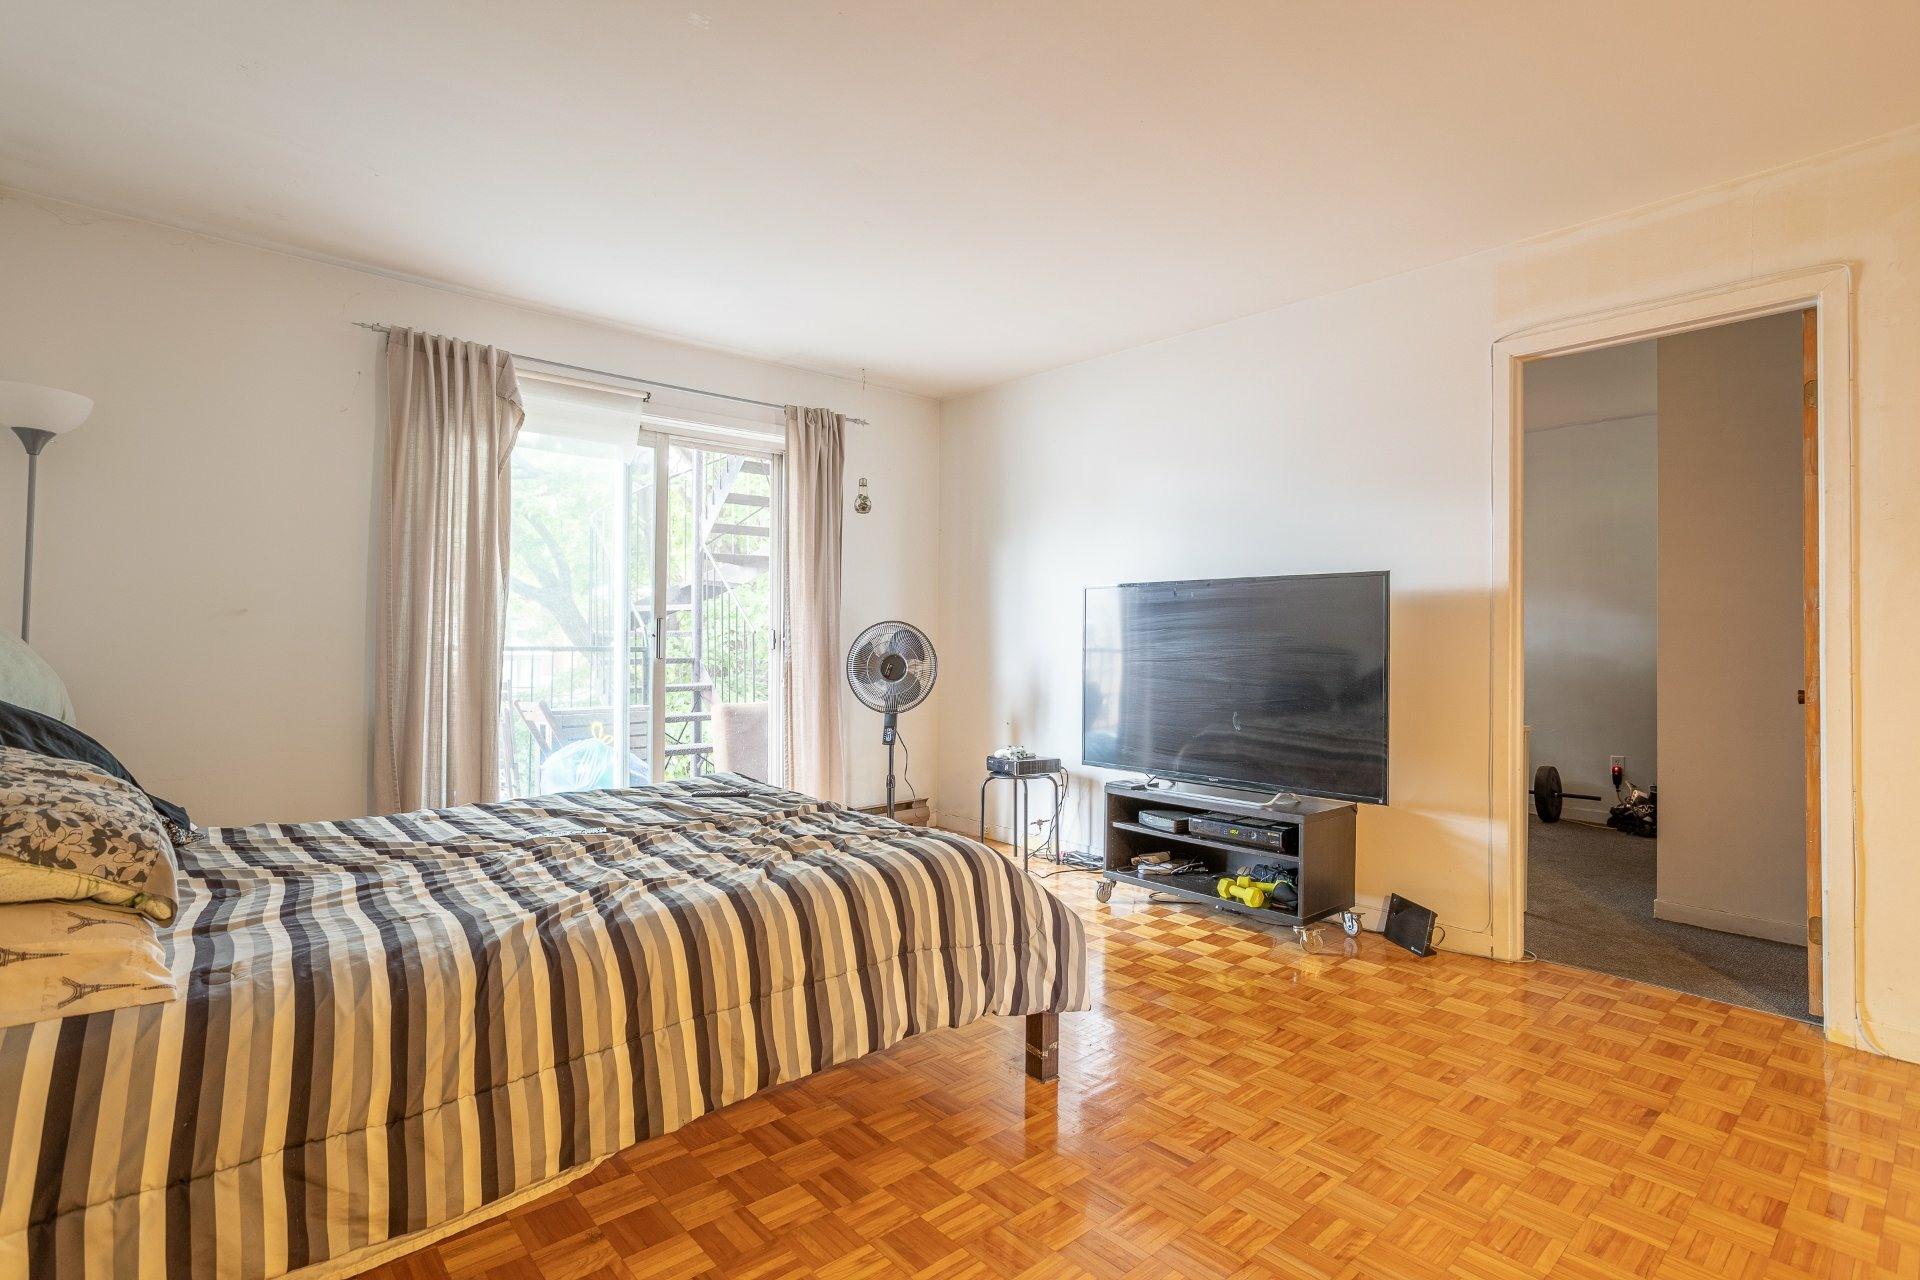 image 21 - Quadruplex For sale Mercier/Hochelaga-Maisonneuve Montréal  - 4 rooms